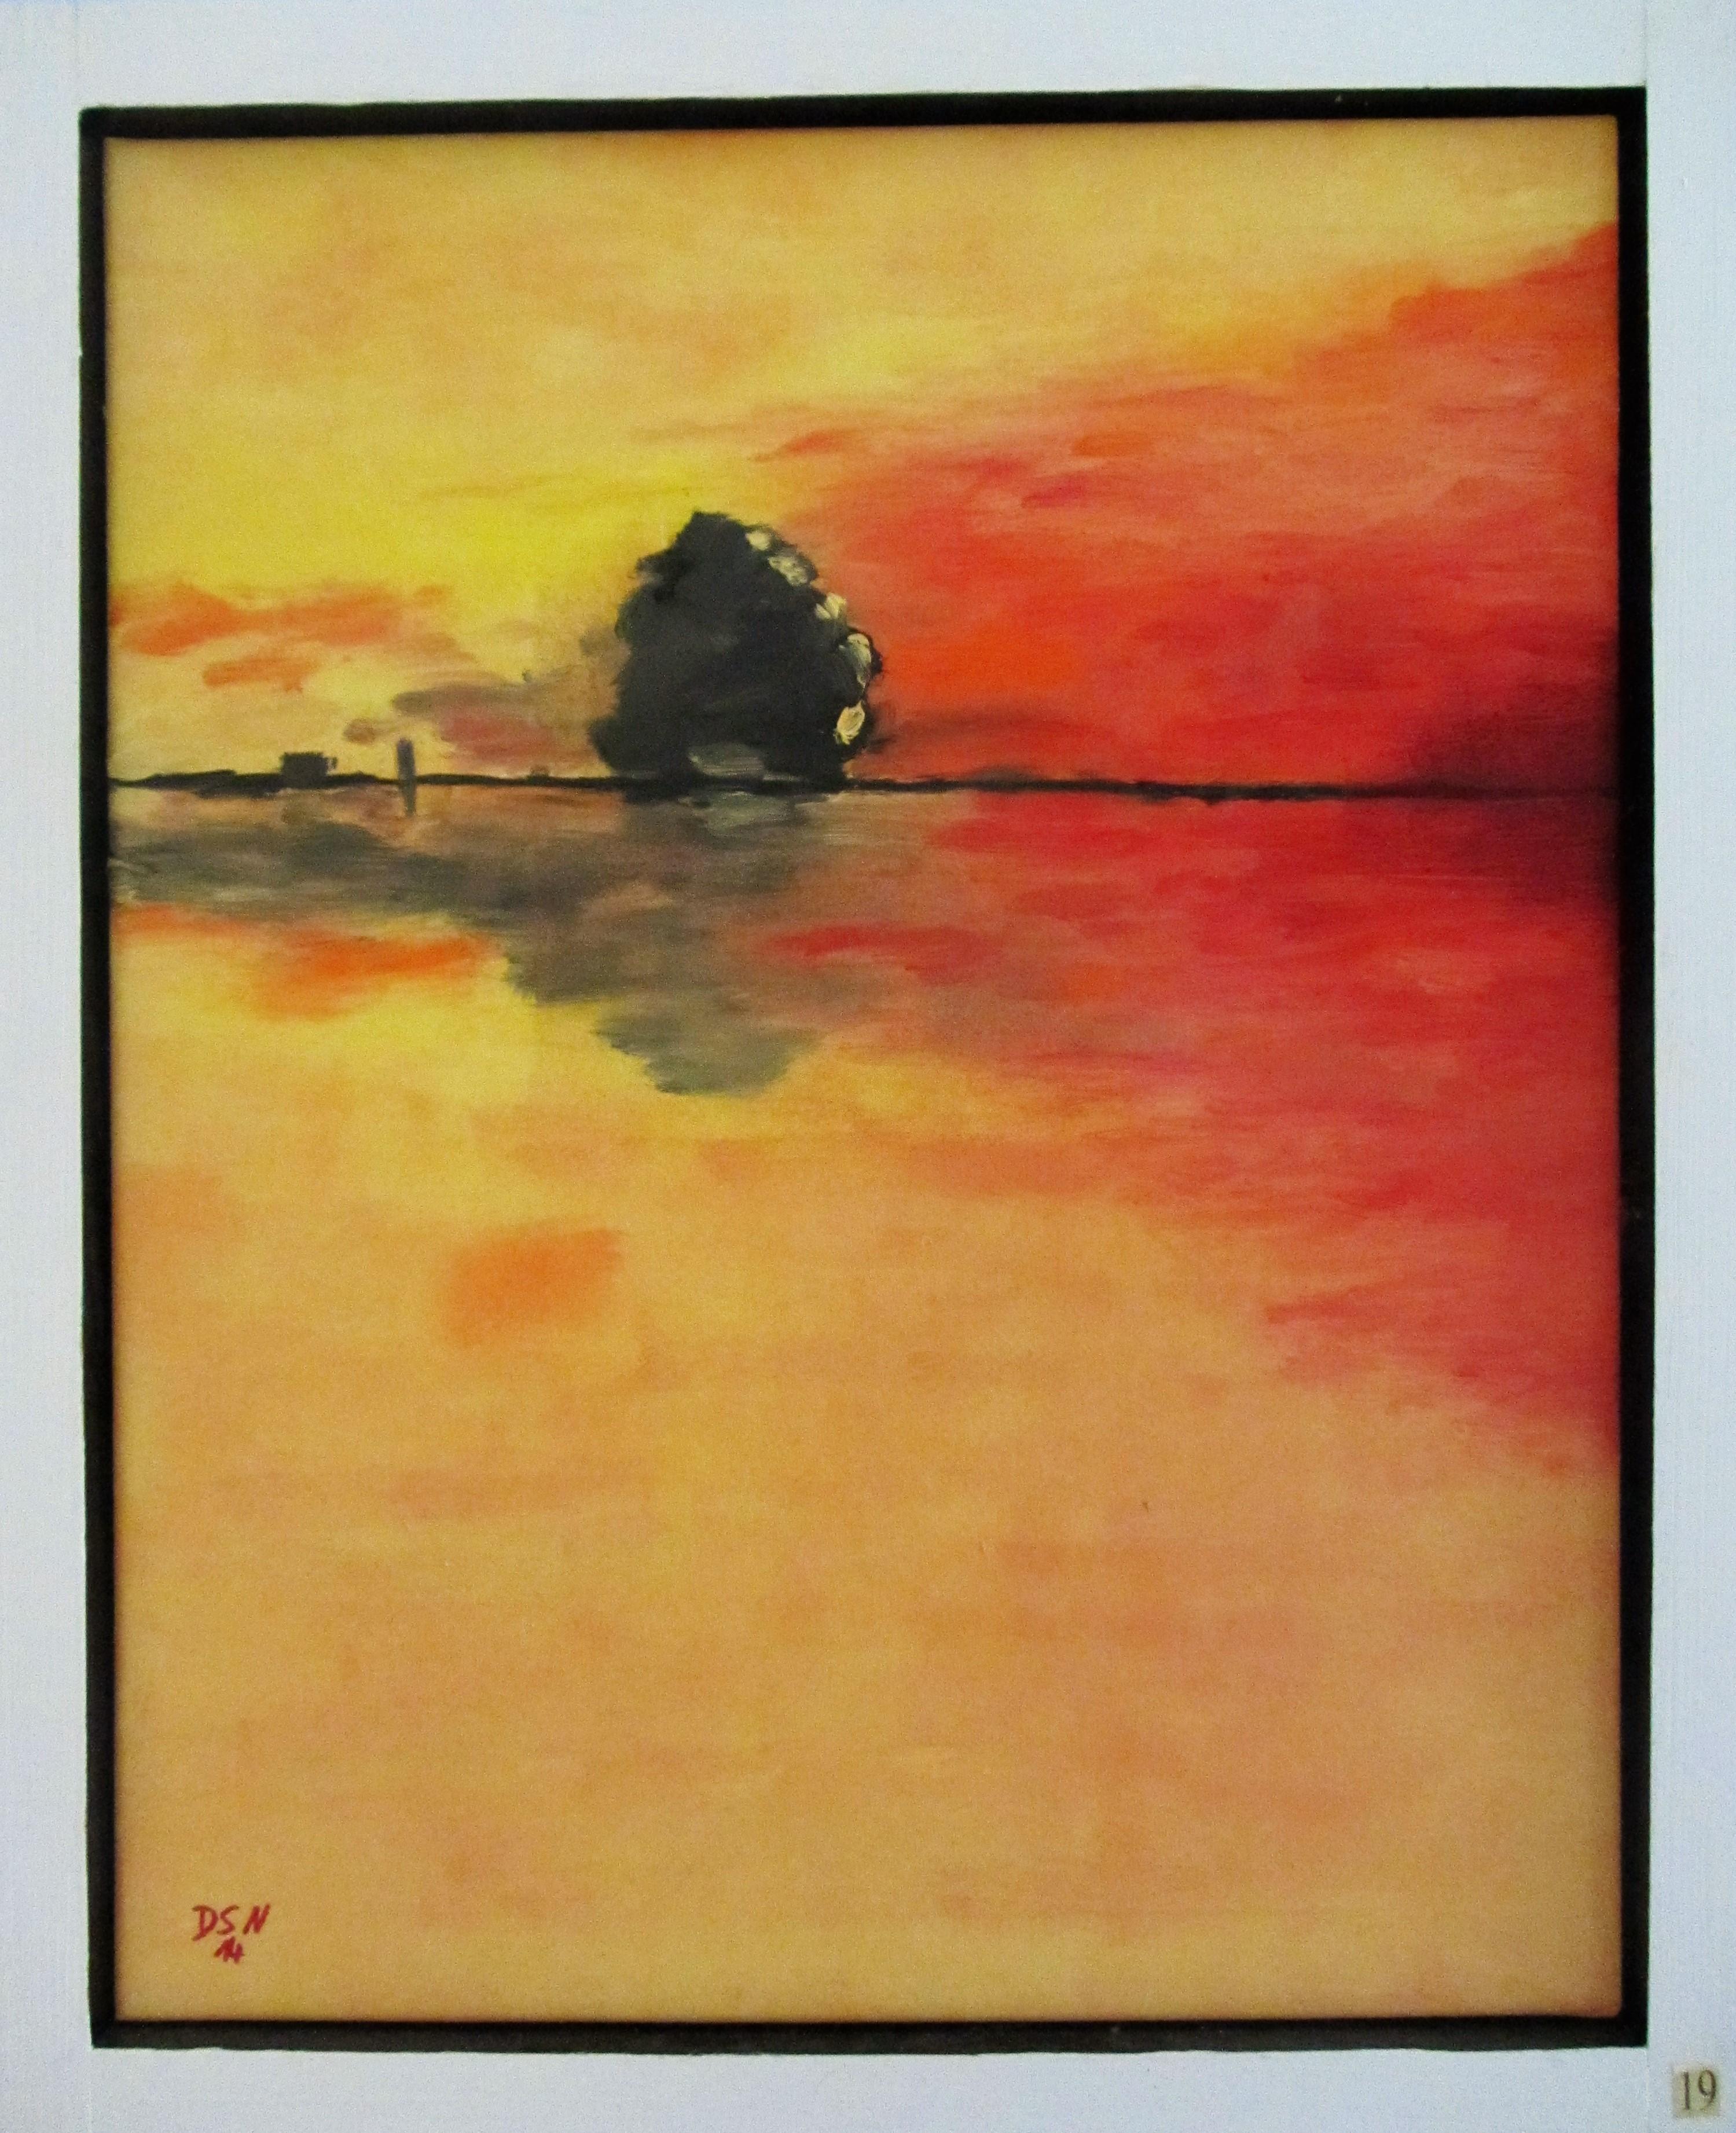 nr Abbildung Leinwand Malerei Das sch/önste M/ädchen in Bukowski Wandbilder f/ür Wohnzimmer Poster und Drucke Wandkunst Poster-60x90cm No Frame